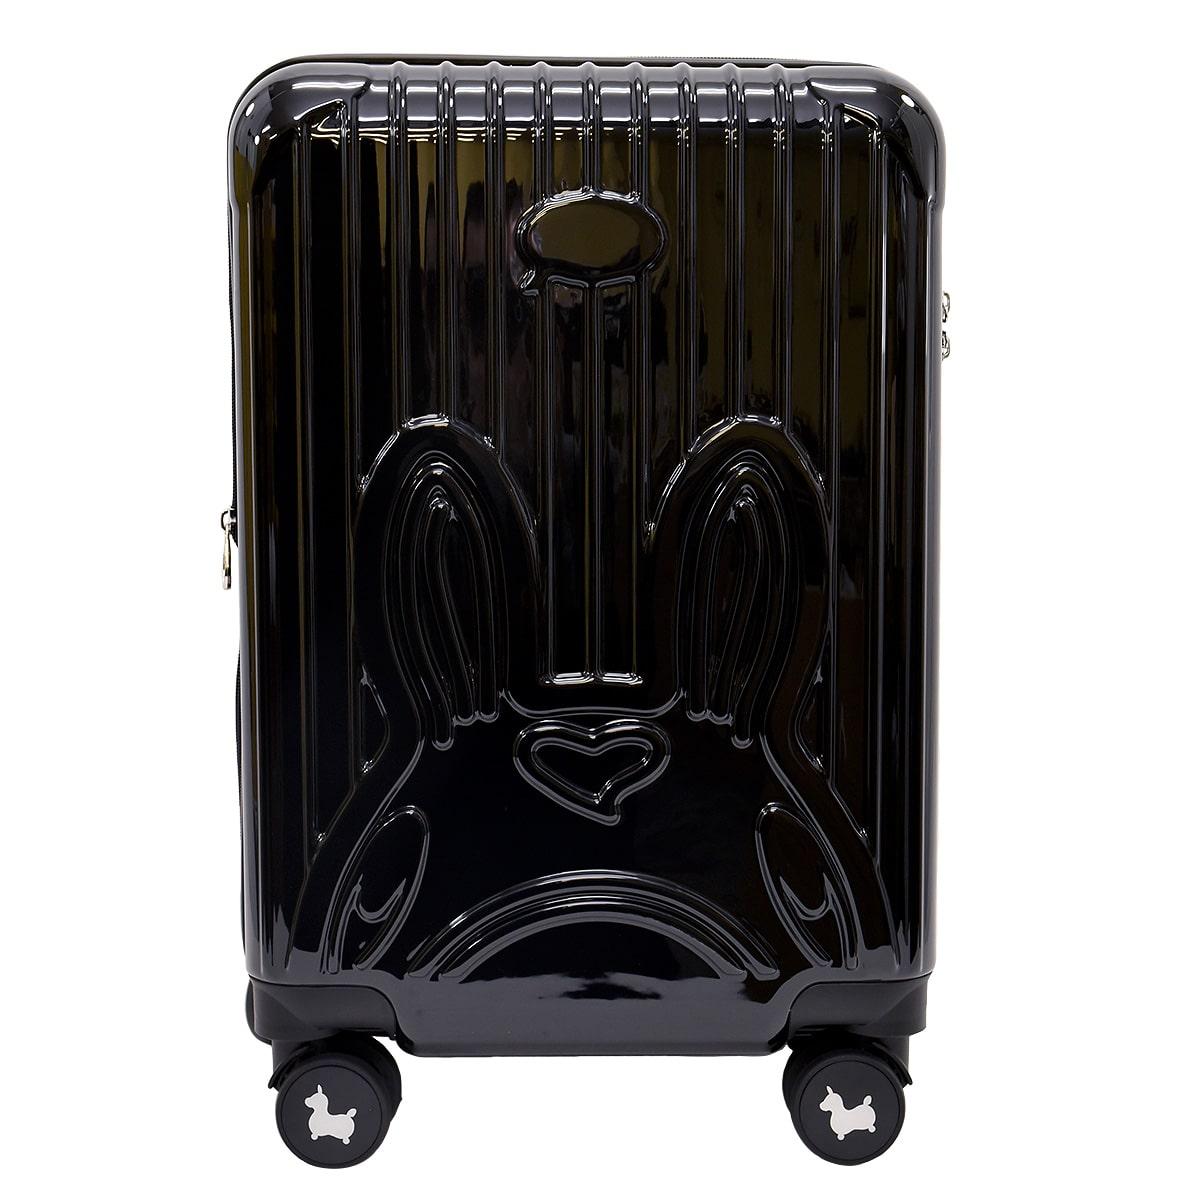 ロディ キャリーケース かわいい おしゃれ sサイズ 機内持ち込み s 女の子 軽い 海外 キャラクター 子供 子ども ハード トランク 海外旅行